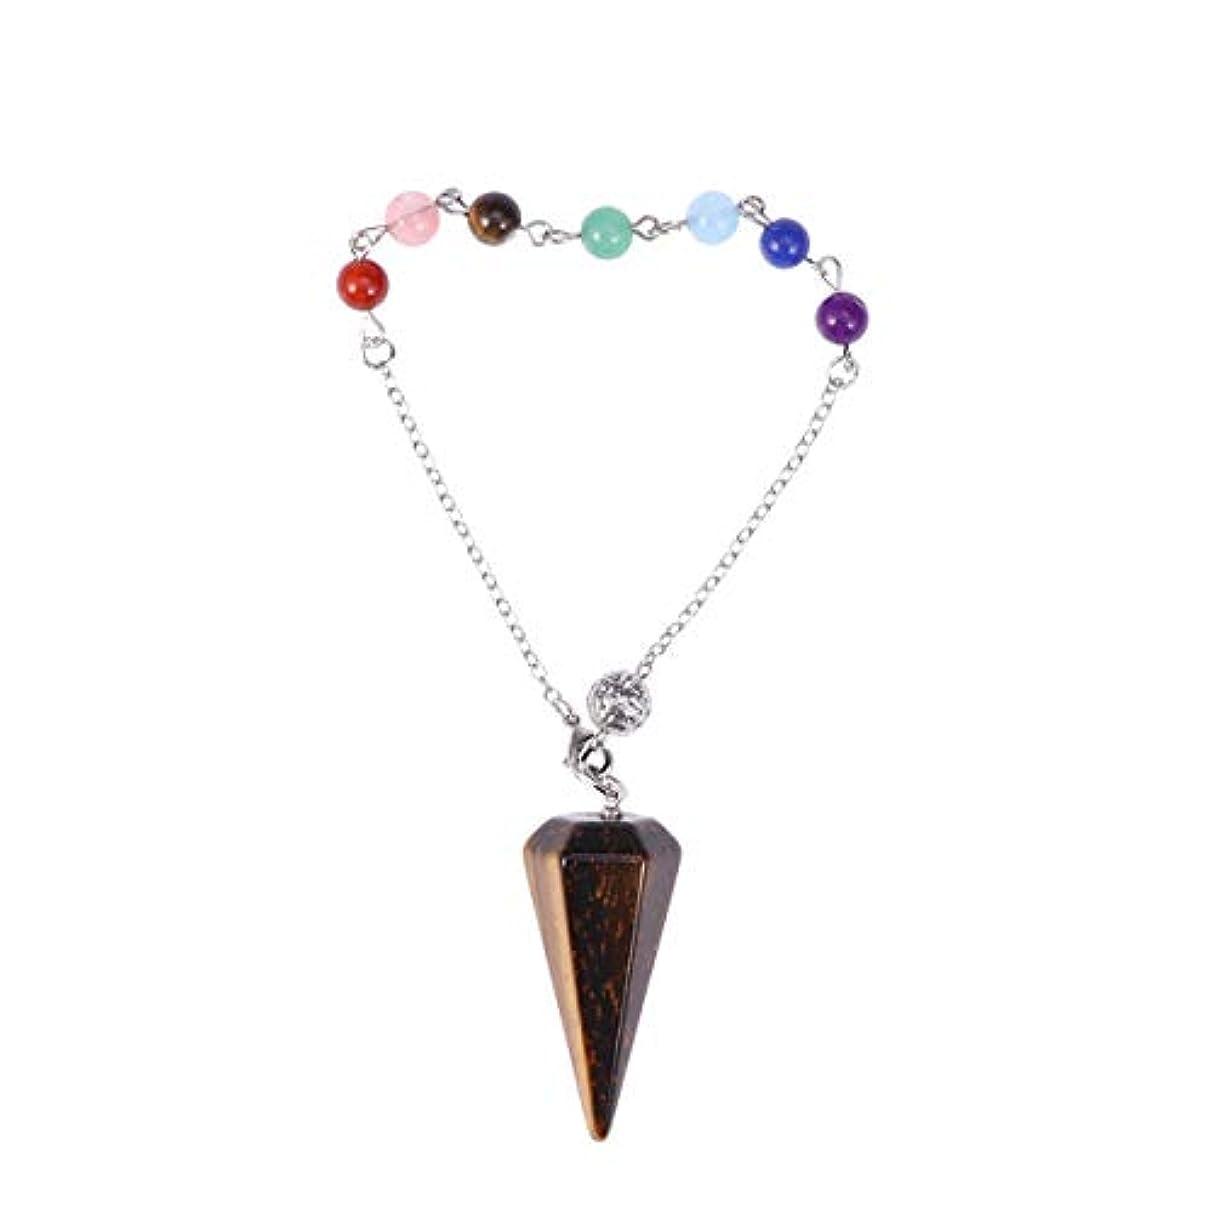 印をつける揃える気分Healifty クリスタル六角形のペンダントチャクラチェーンペンダント(タイガーアイ宝石)